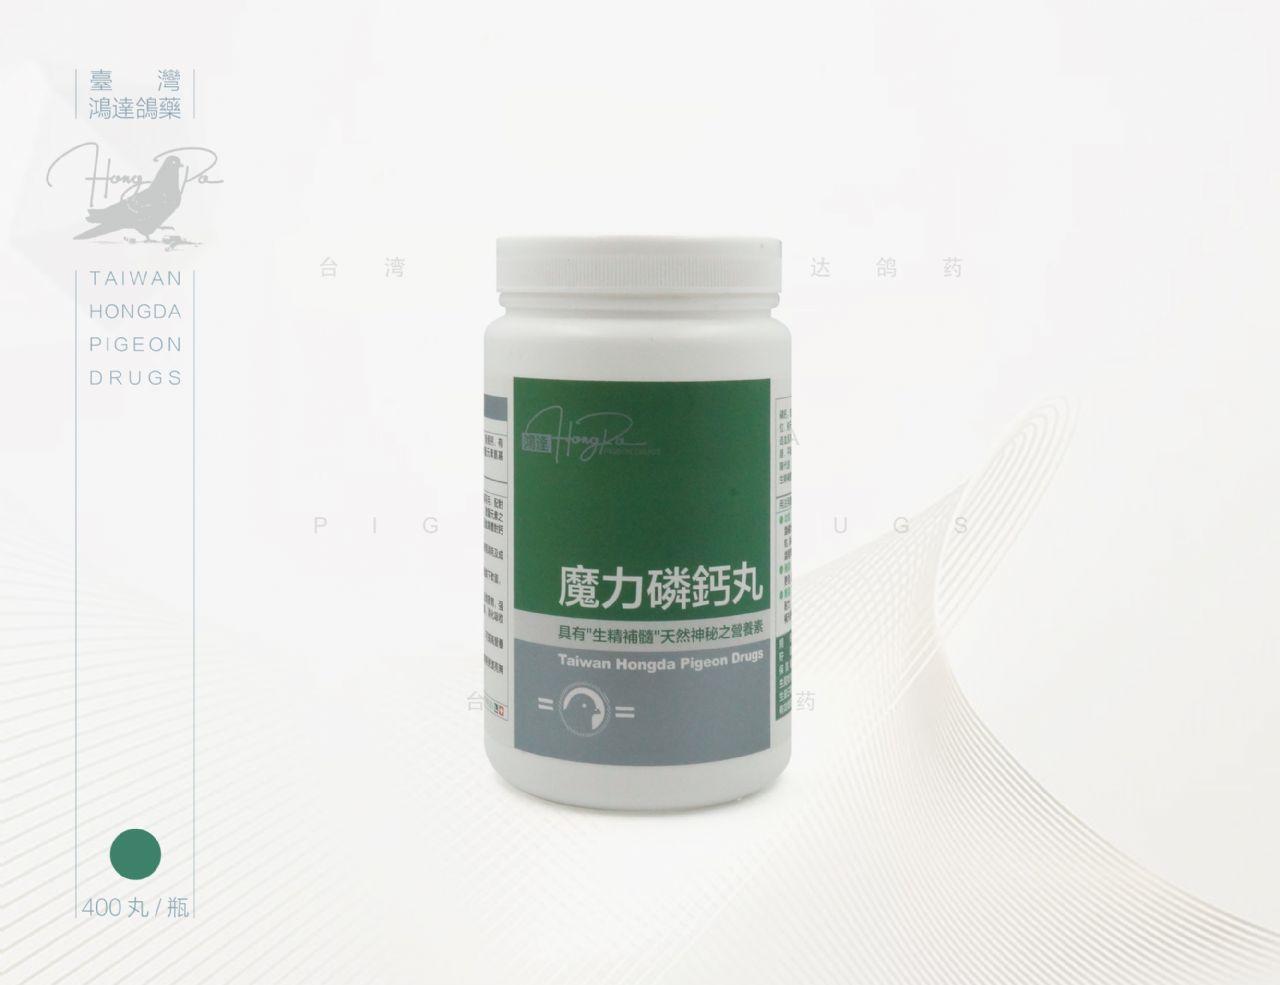 魔力磷钙丸